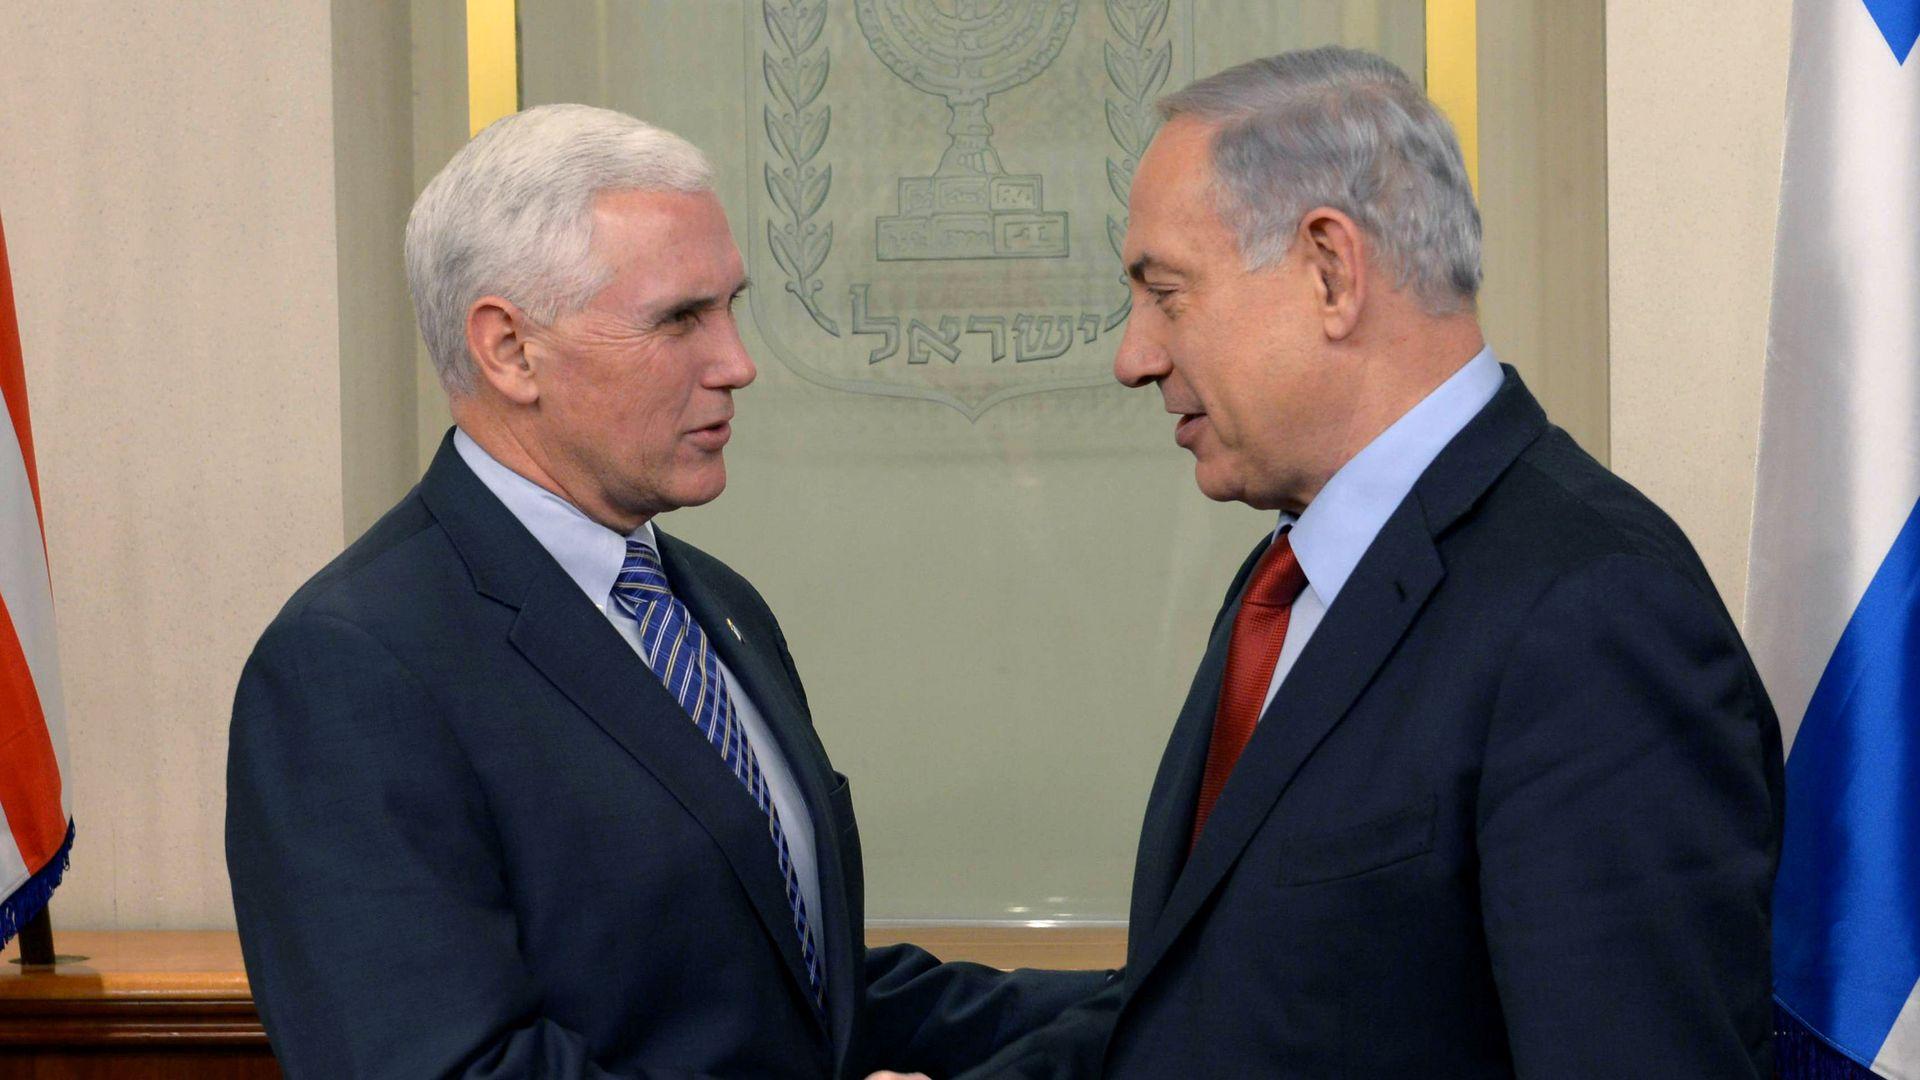 Pence meets Netanyahu